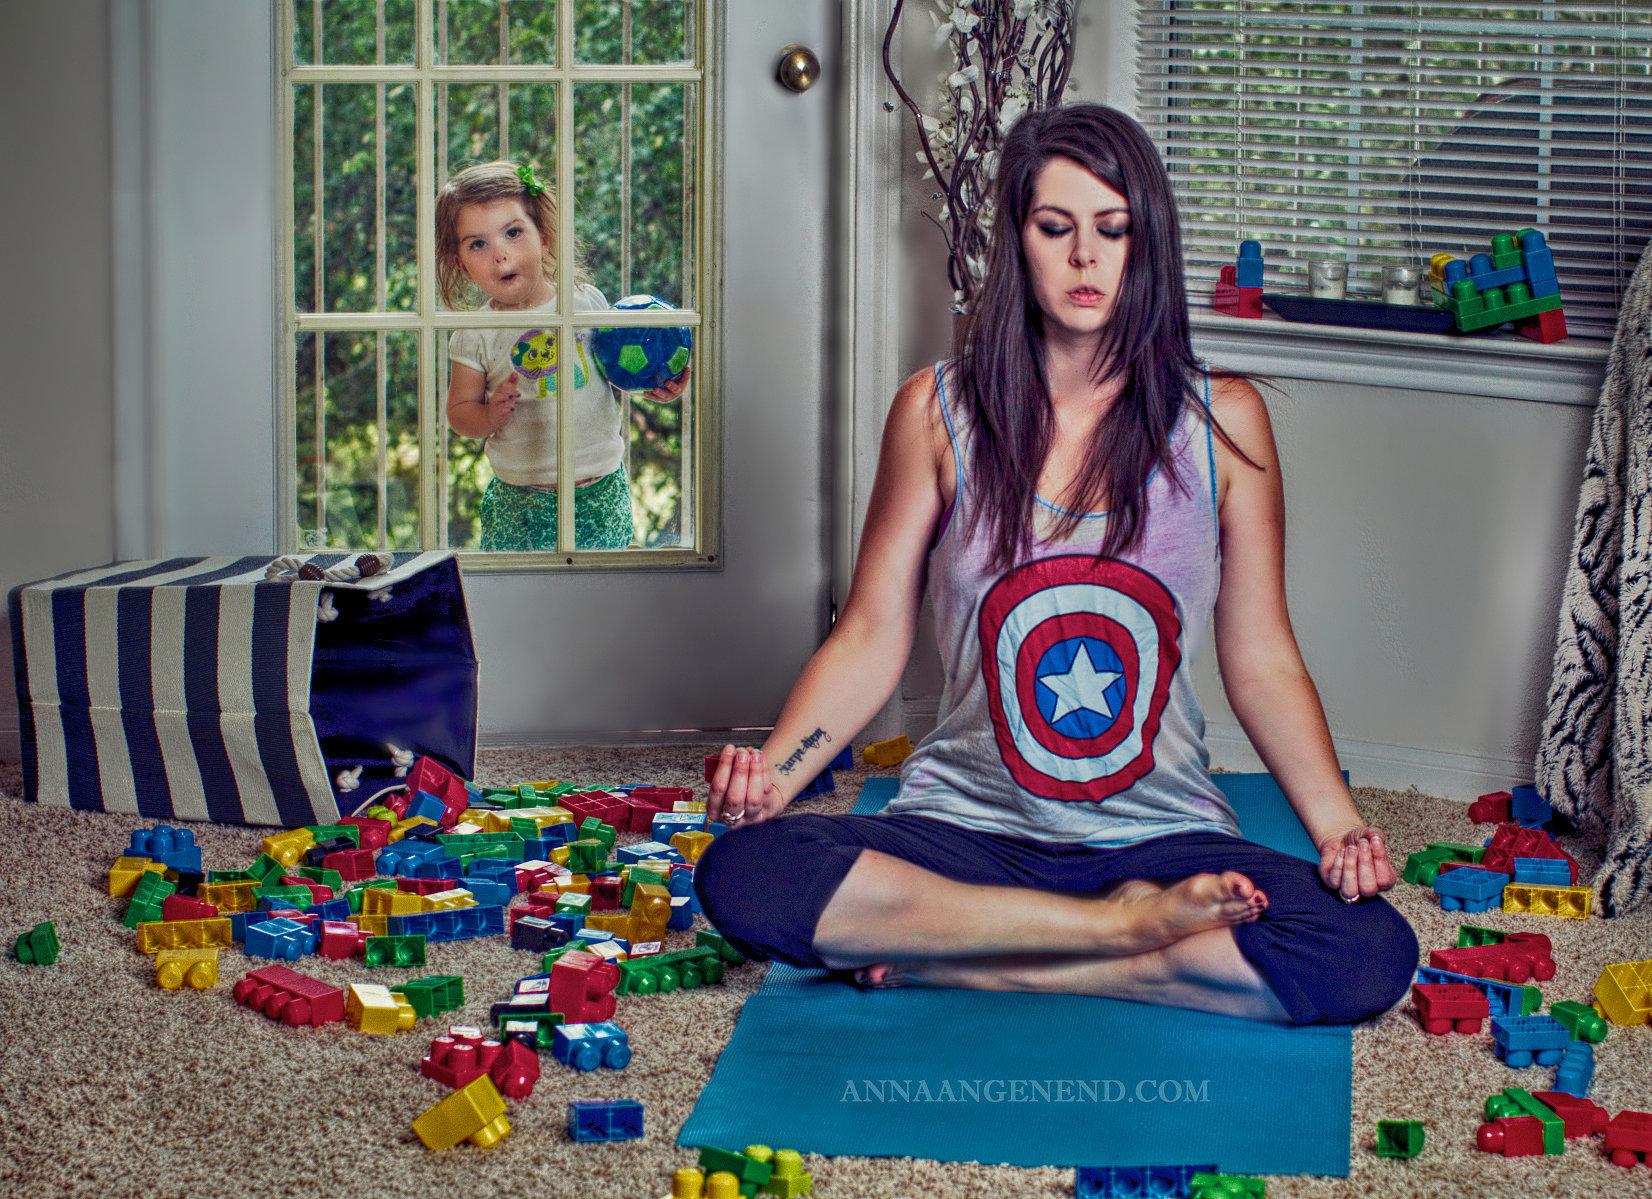 С молодой мамой фото 5 фотография